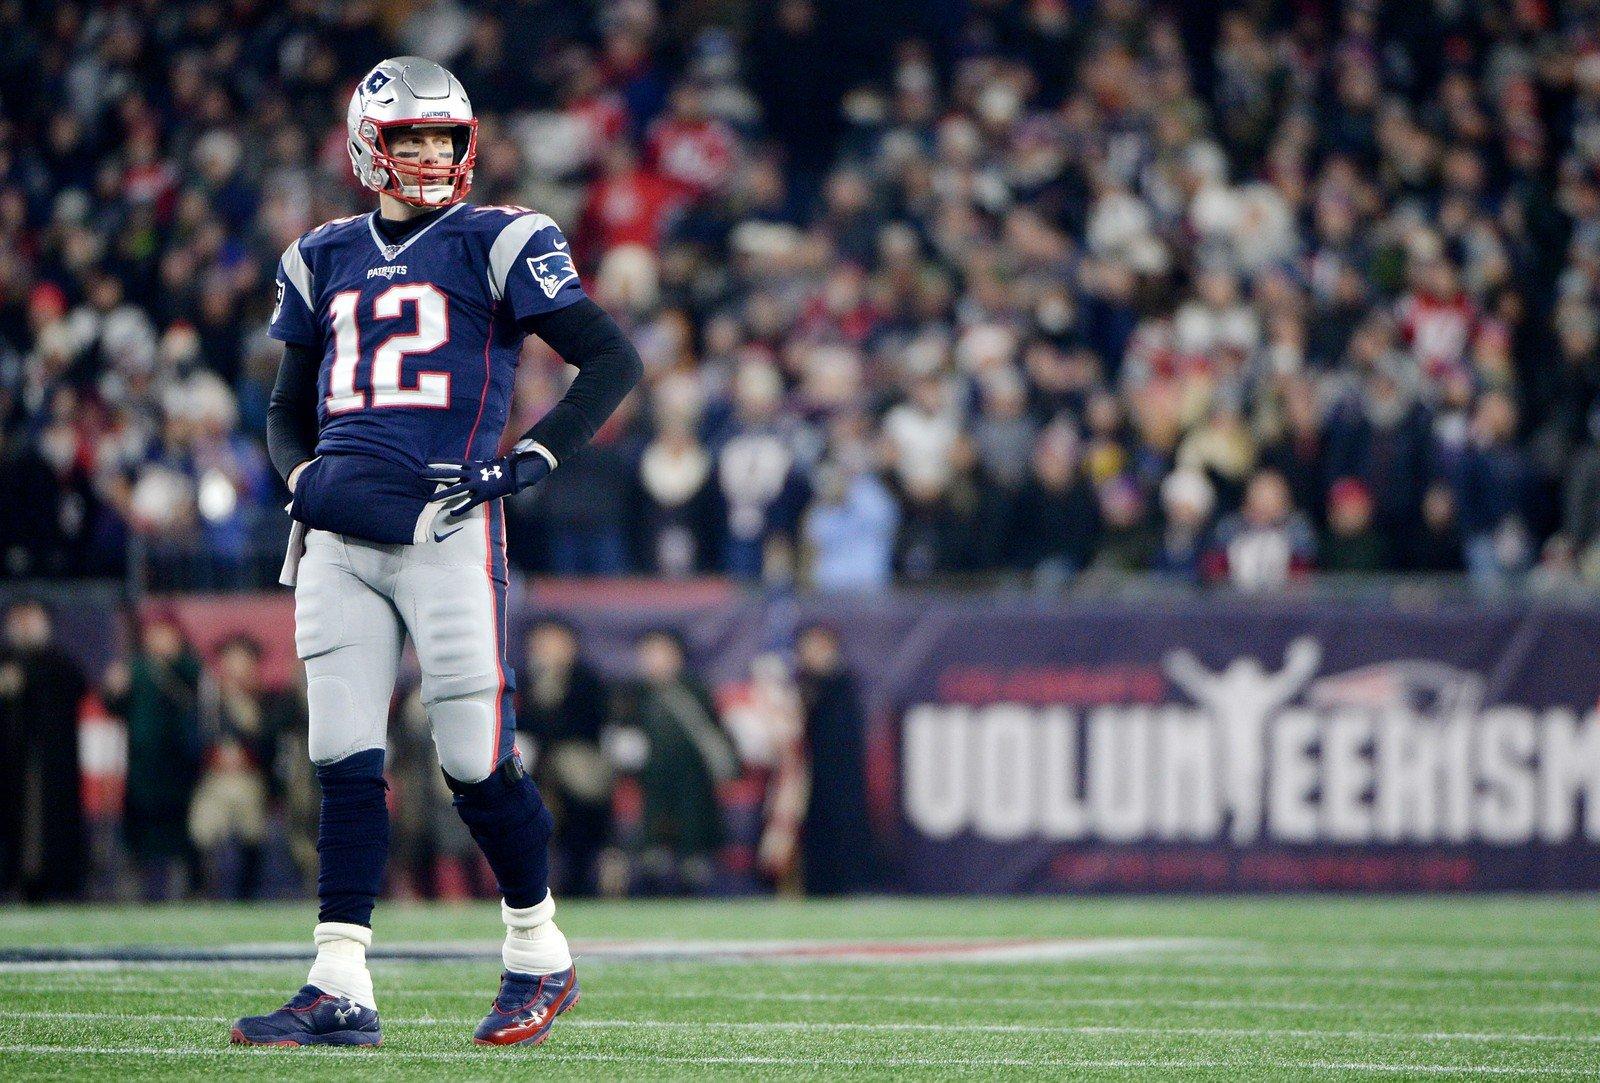 Tom Brady anuncia saída do New England Patriots após 20 anos - Imagem 1